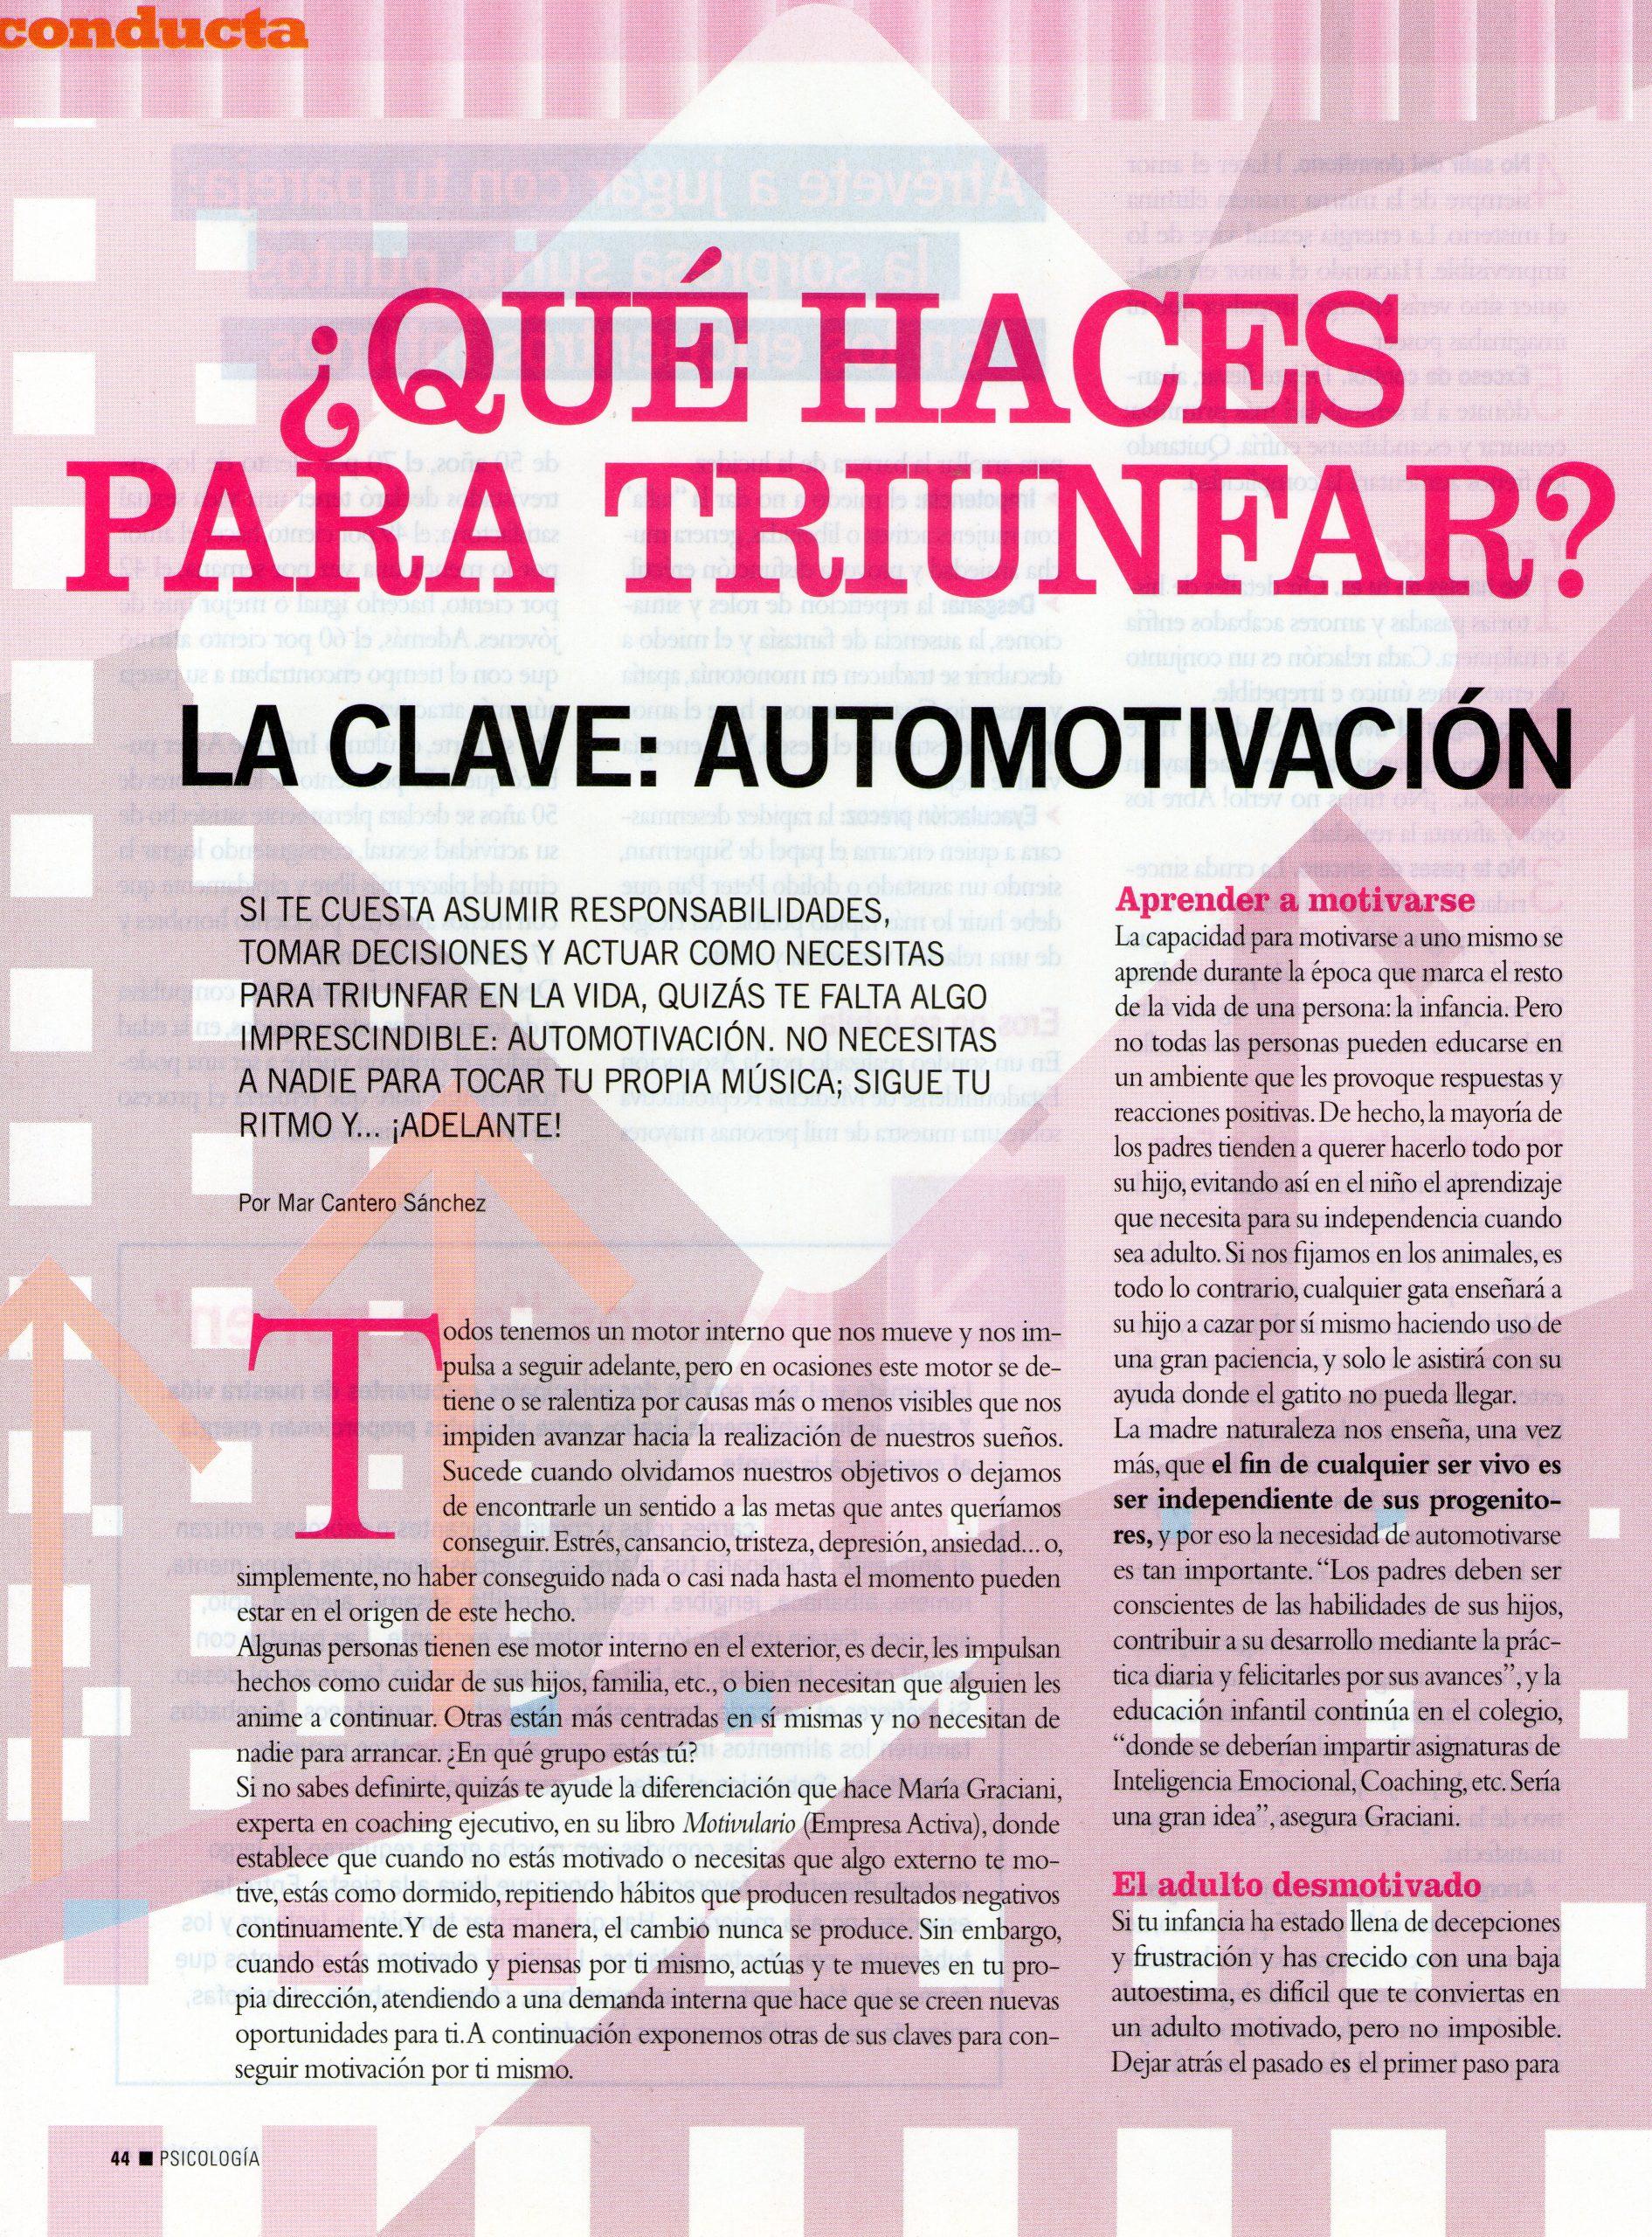 TE-DESAHOGAS-CON-LOS-DEMÁS-pag-1-PSICOLOGÍA-PRÁCTICA-11-2007-Mar-Cantero-Sánchez-www.marcanterosanchez.com-